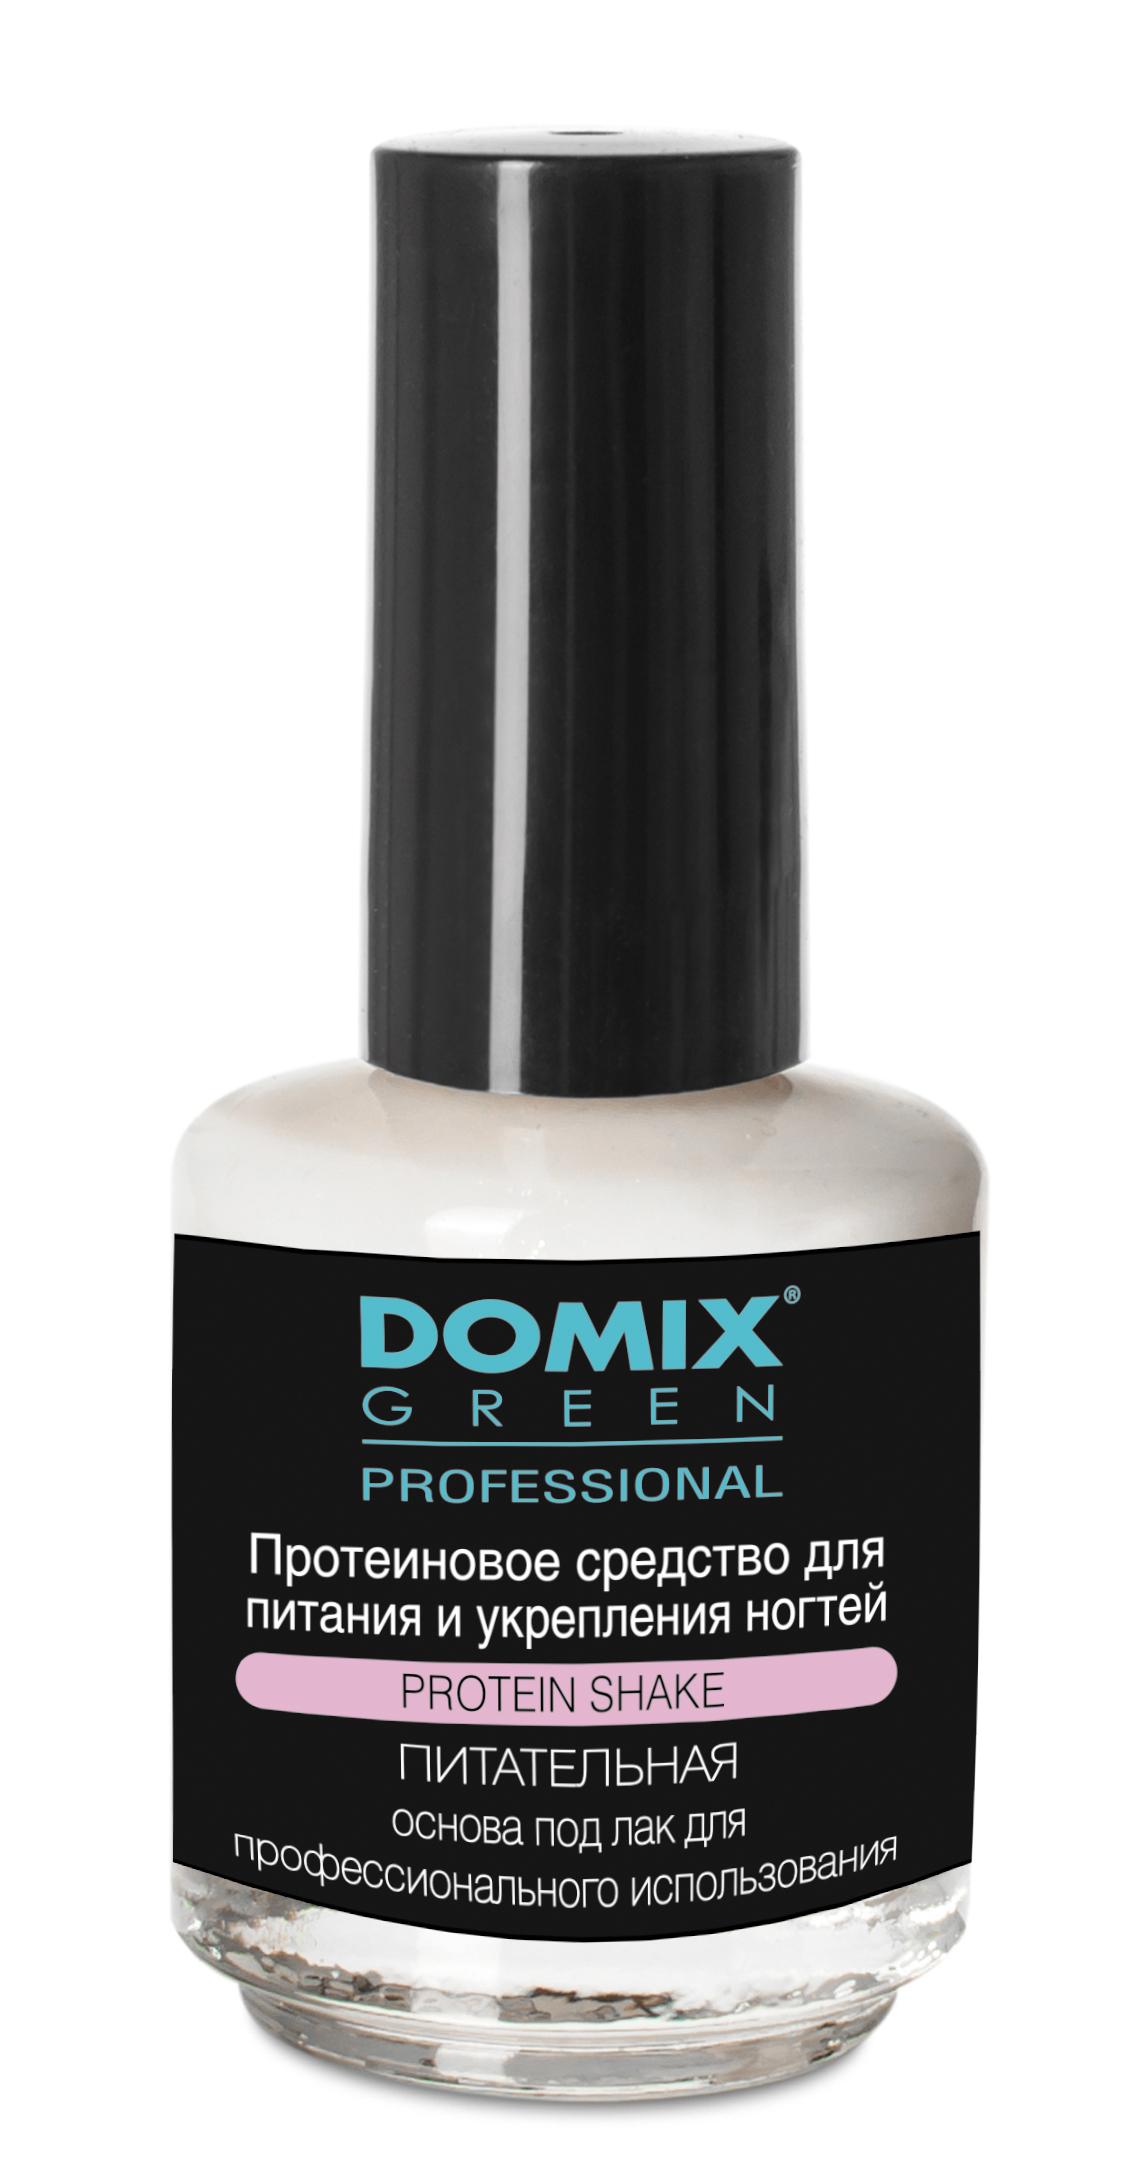 DOMIX Средство протеиновое для питания и укрепления ногтей / DGP 17млЛечебные средства<br>Средство препятствует образованию сколов, скрывает дефекты, фиксирует отслоившиеся кромки, предупреждает изменение цвета ногтей. Введенные в состав  лечебные  компоненты способствуют питанию и укреплению хрупких и ломких ногтей, восстанавливают поврежденные ногти. Активные ингредиенты: Молочко овсяного зерна   природное молоко, увлажняет, смягчает Молочные протеины и кальций   способствуют формированию кератина. Масло льна   богато омега-3 жирами, которые питают, придают гибкость ногтевой пластине. Масло семян рапса   богато природными жирами. Устраняет недостаток воды и питательных веществ.<br>